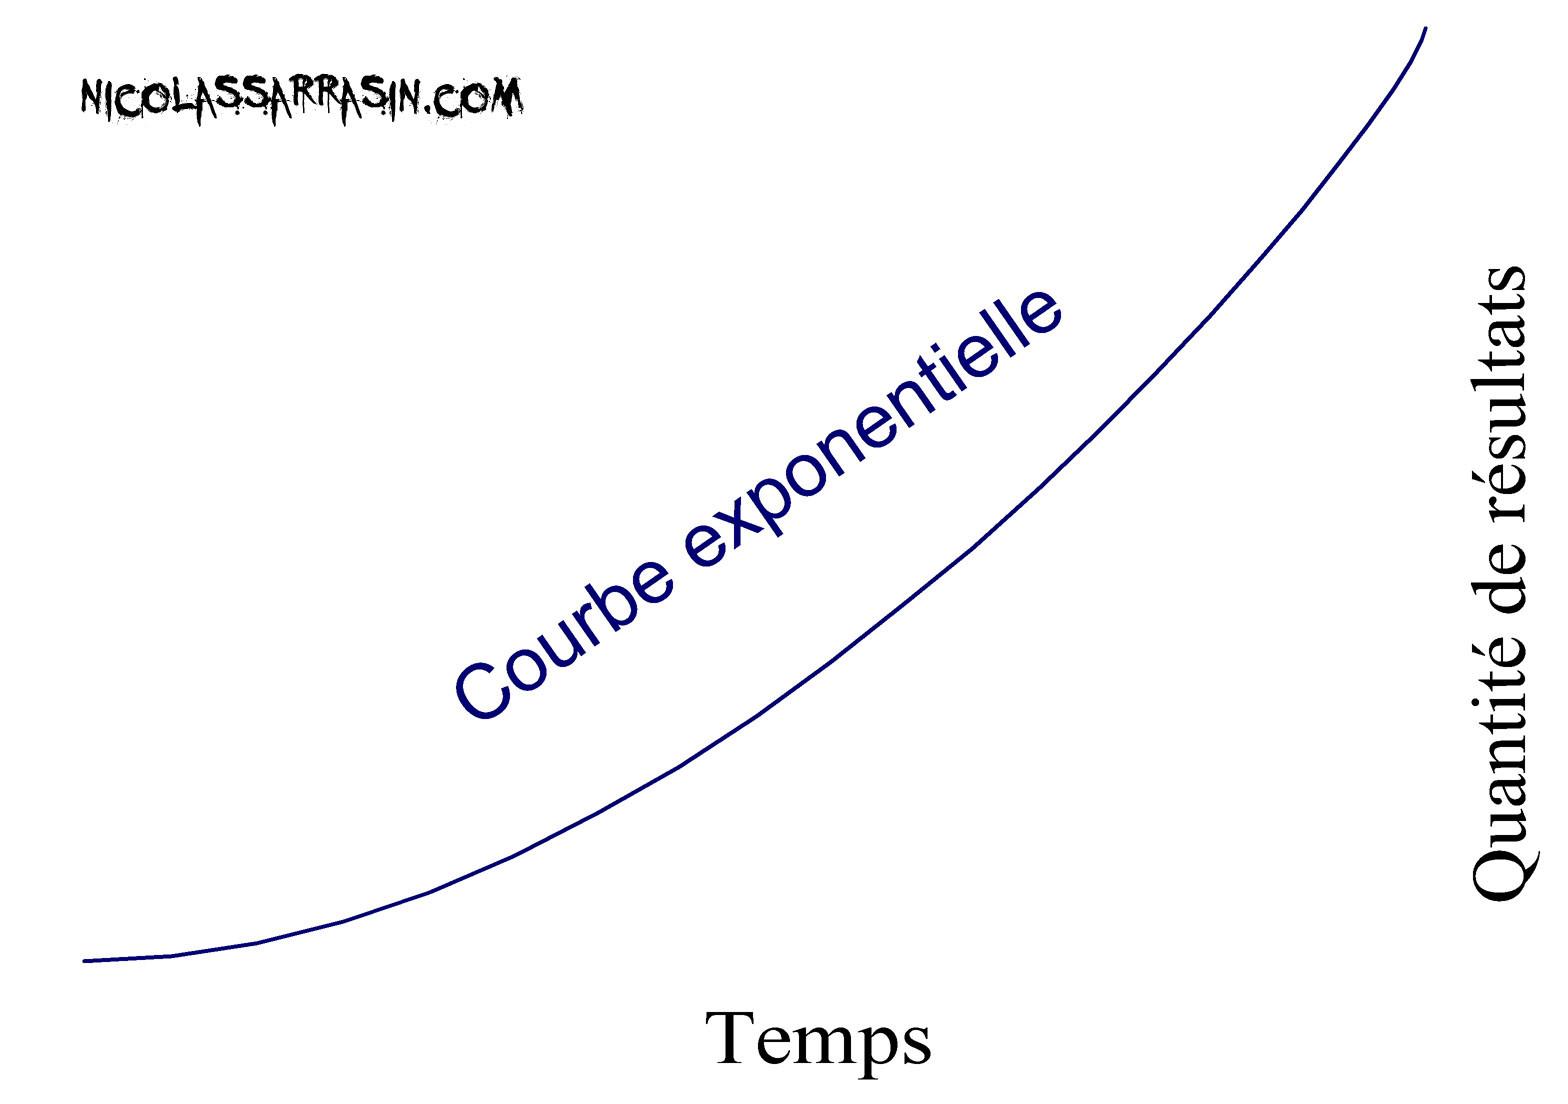 La courbe exponentielle de la réussite et le retour accéléré de l'efficience - NicolasSarrasin.com